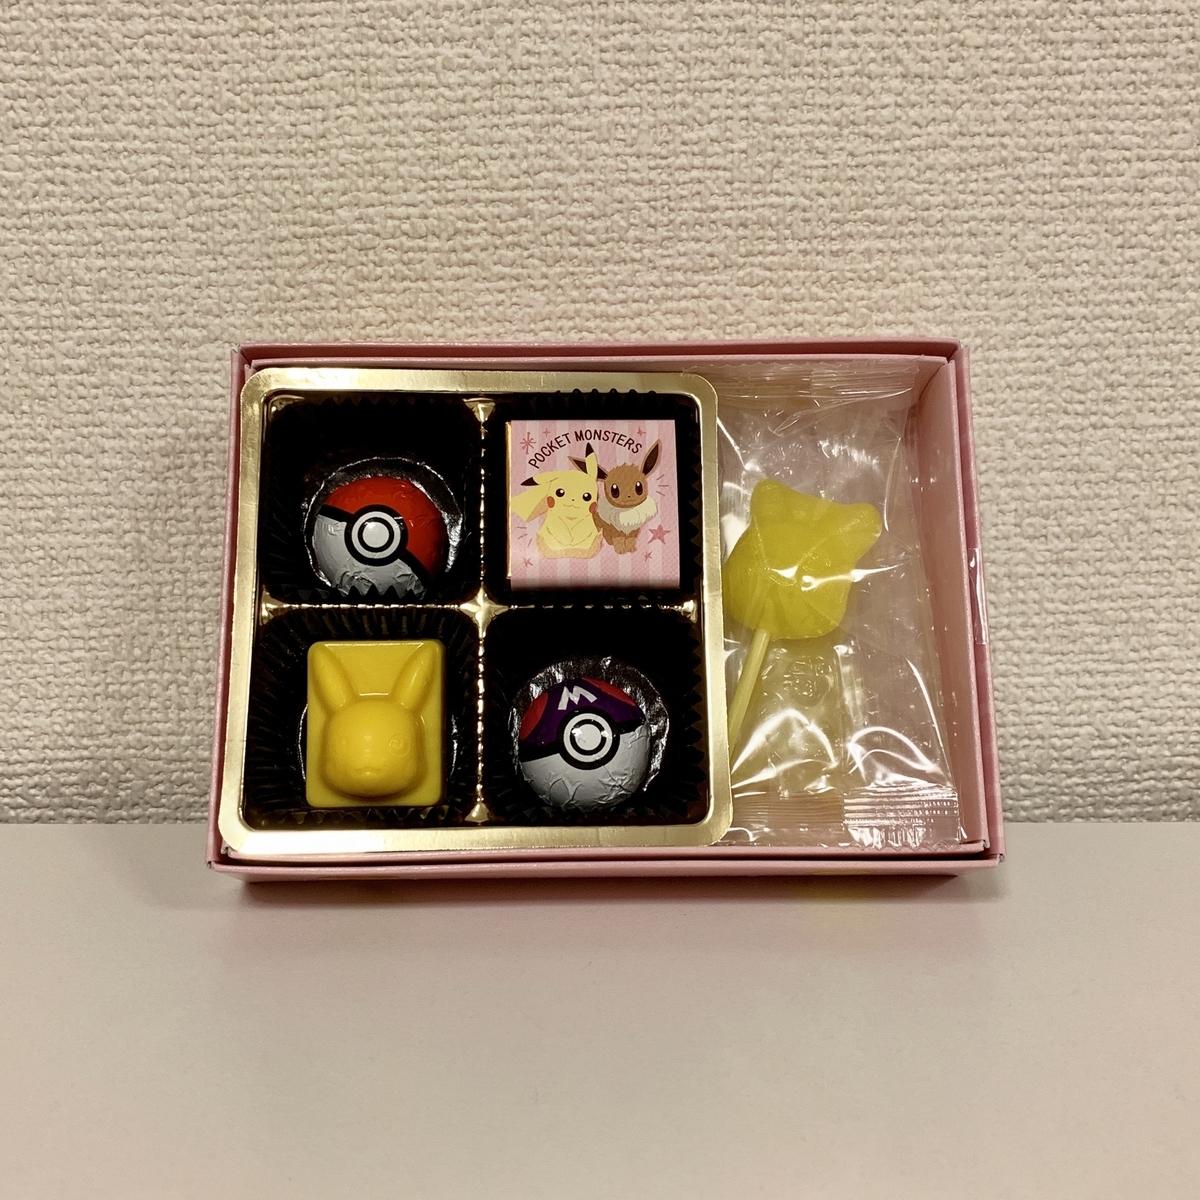 f:id:pikachu_pcn:20200211183127j:plain